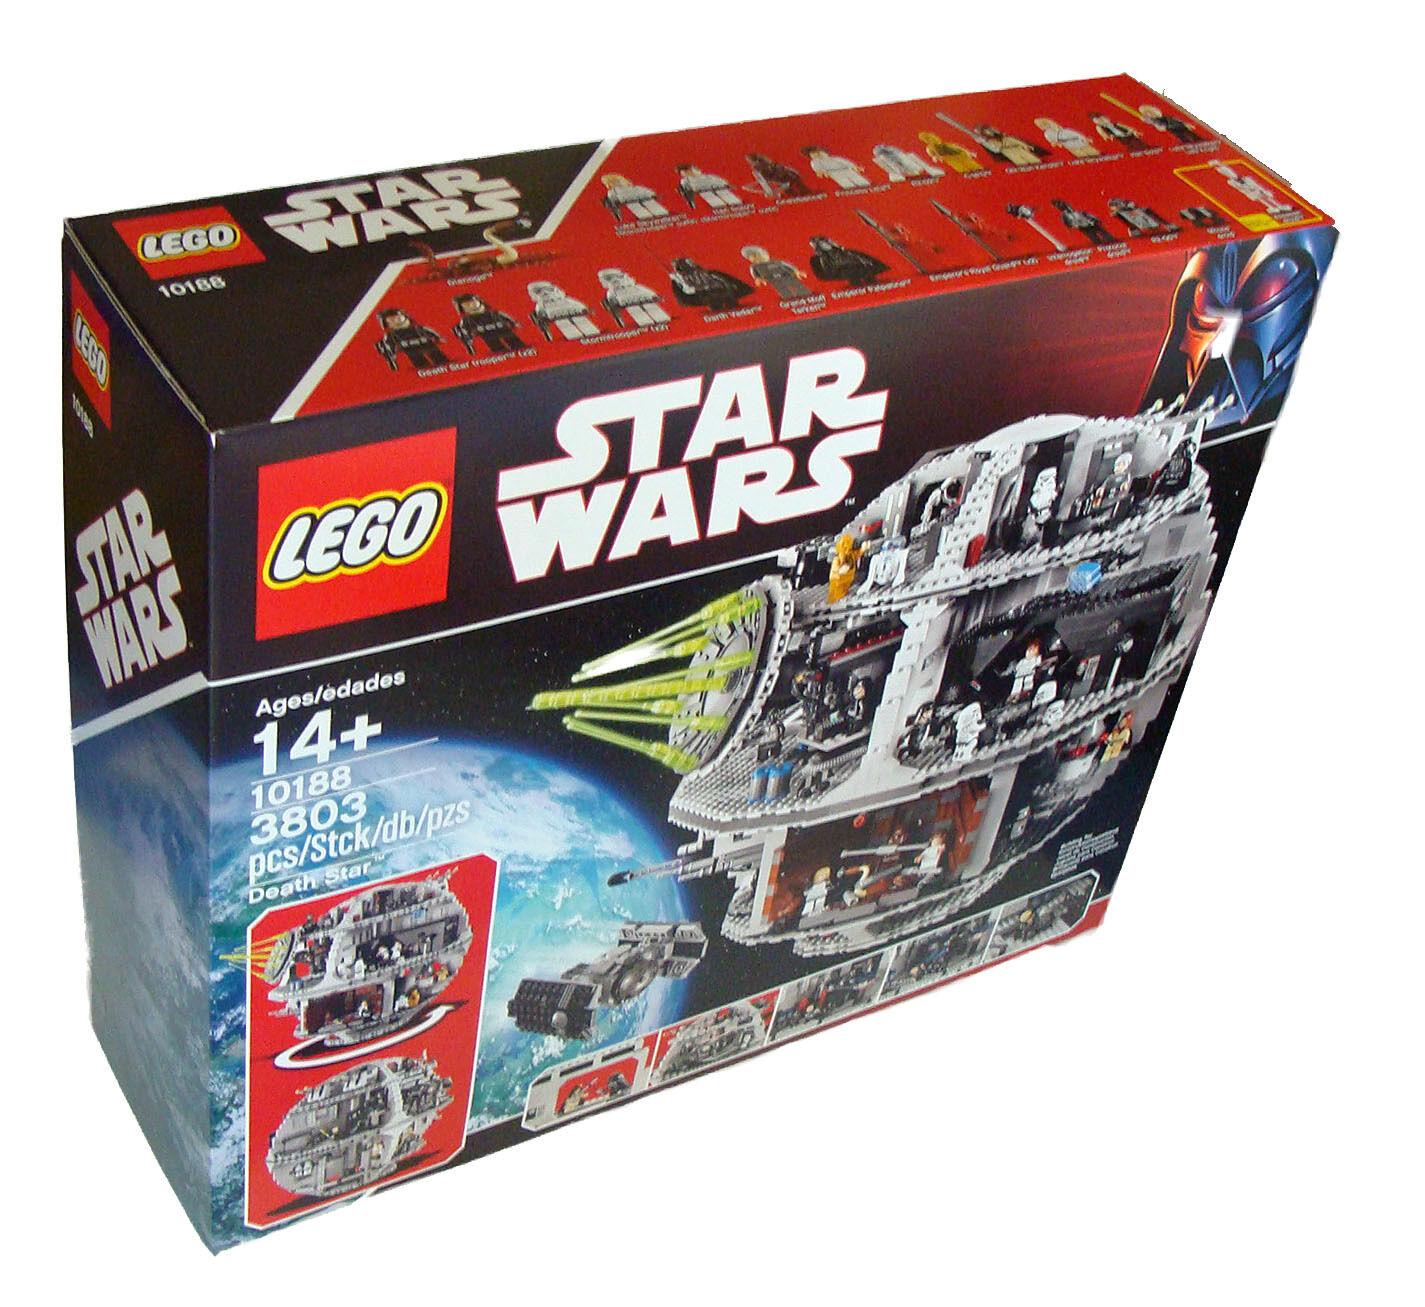 Lego stjärnornas krig 10188 - Todestern 3803 Teile 14 Neu  New